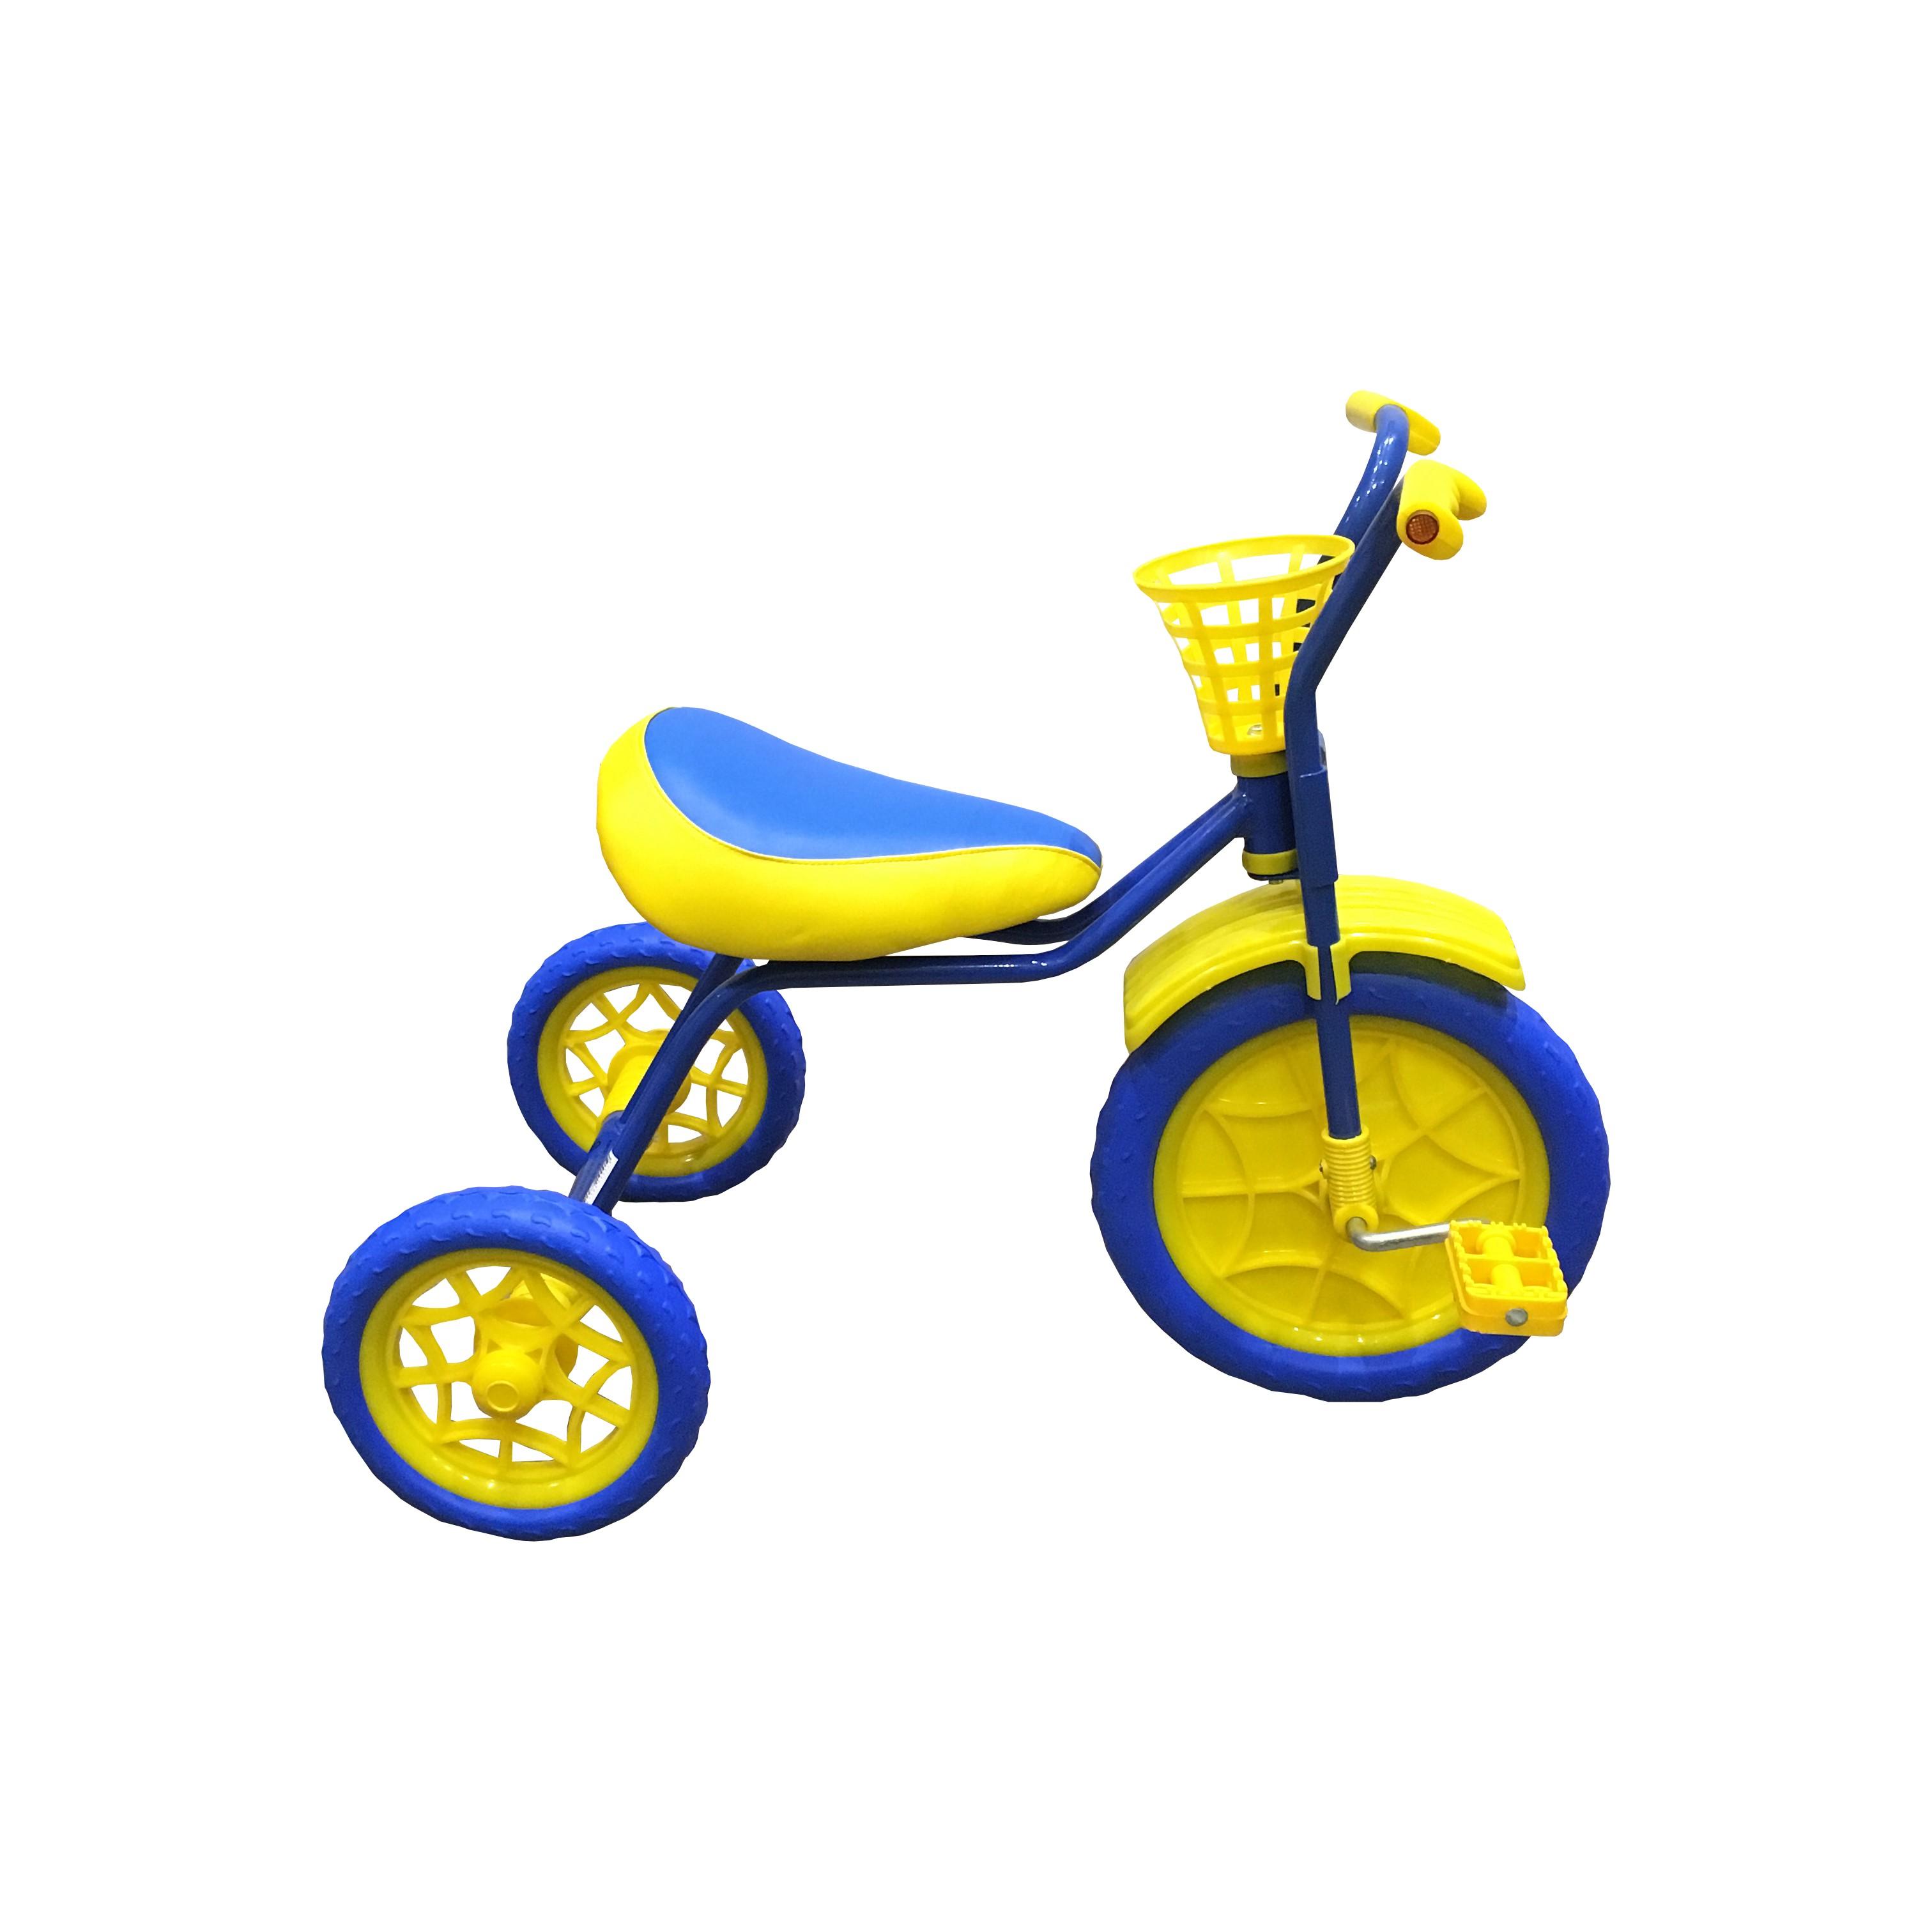 Трехколесный велосипед Woodlines Зубренок Синий, Детские трехколесные велосипеды  - купить со скидкой